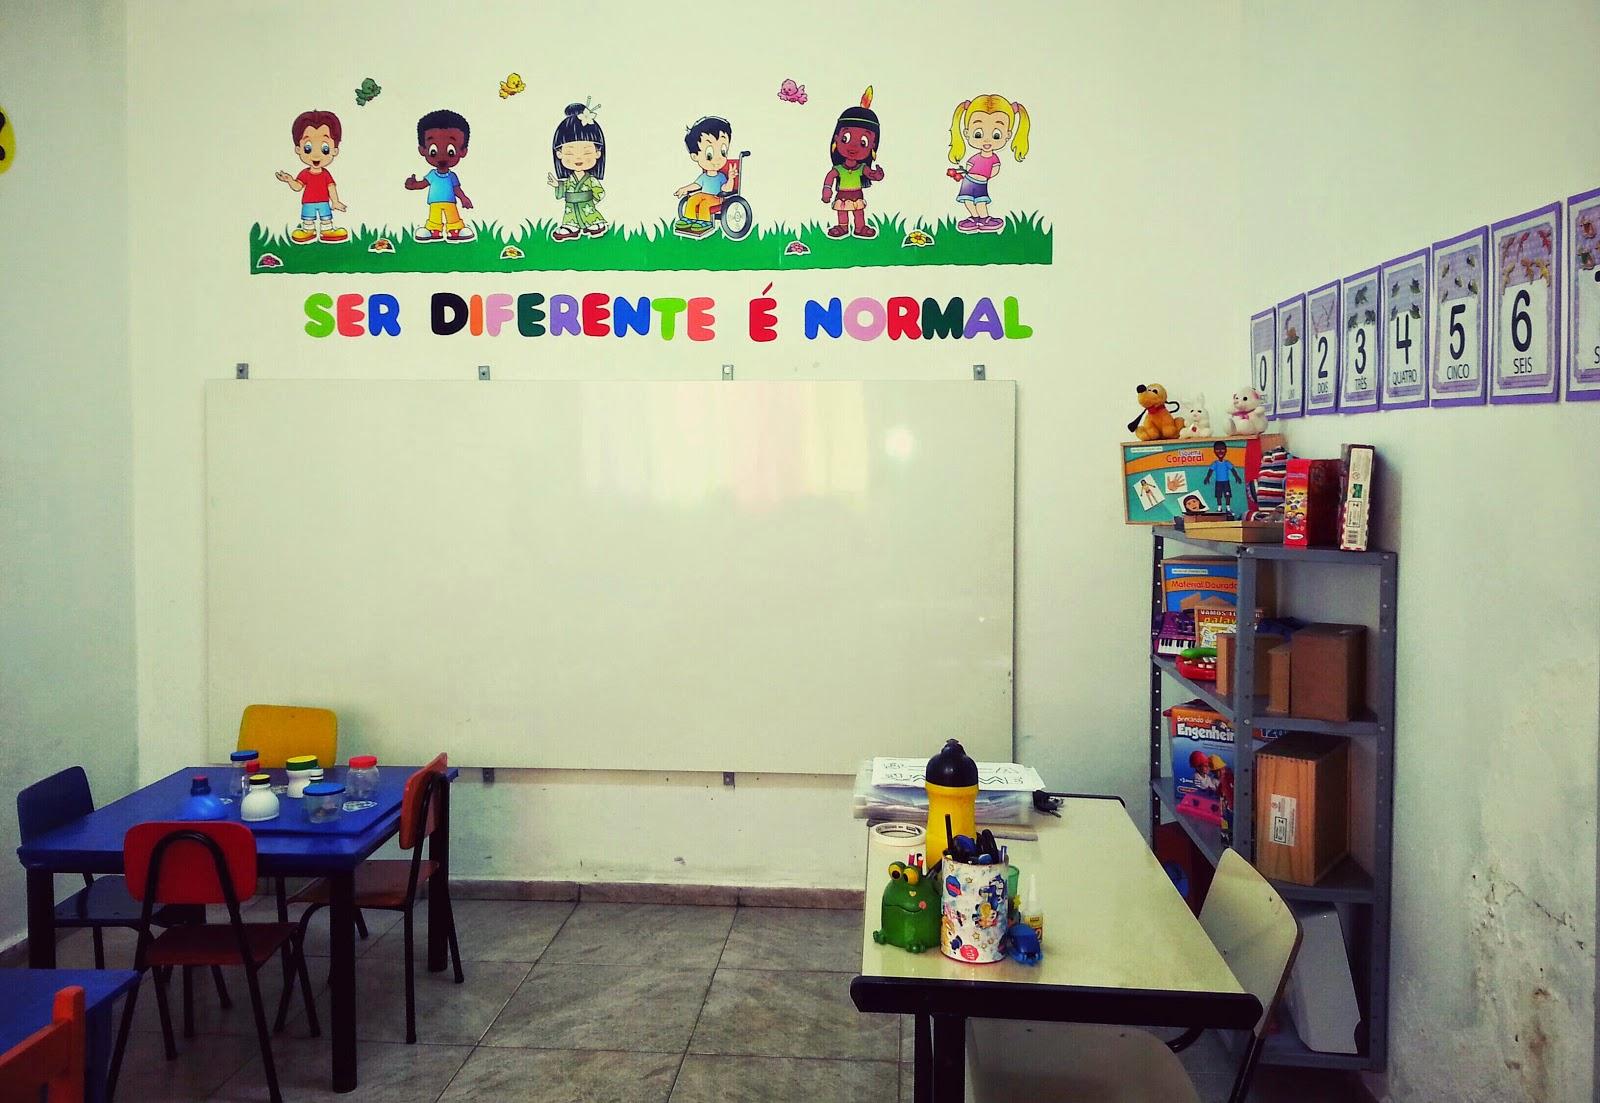 Sala De Recurso Multifuncional Prof M Rcia Ambrosim A Import Ncia